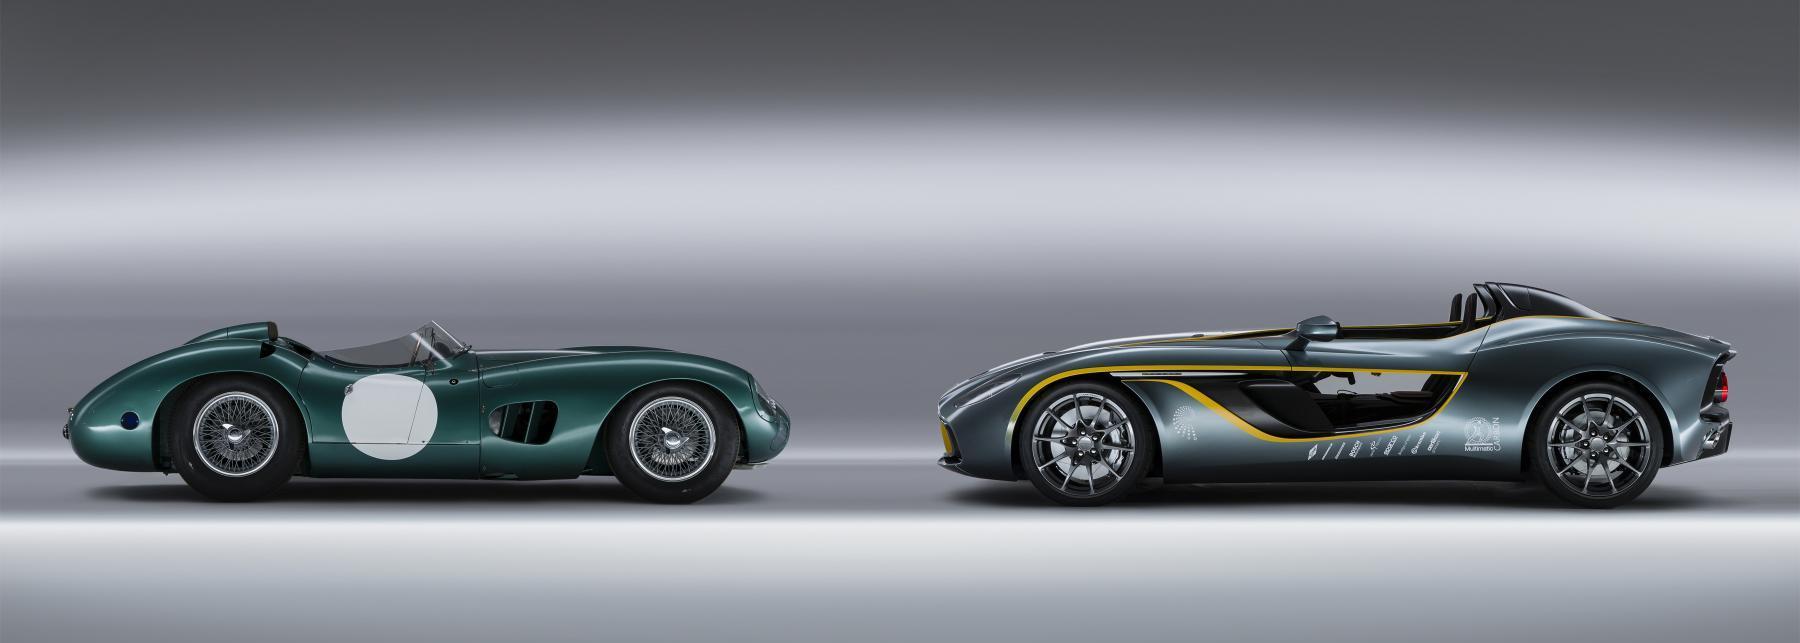 Aston Martin CC100 DBR1